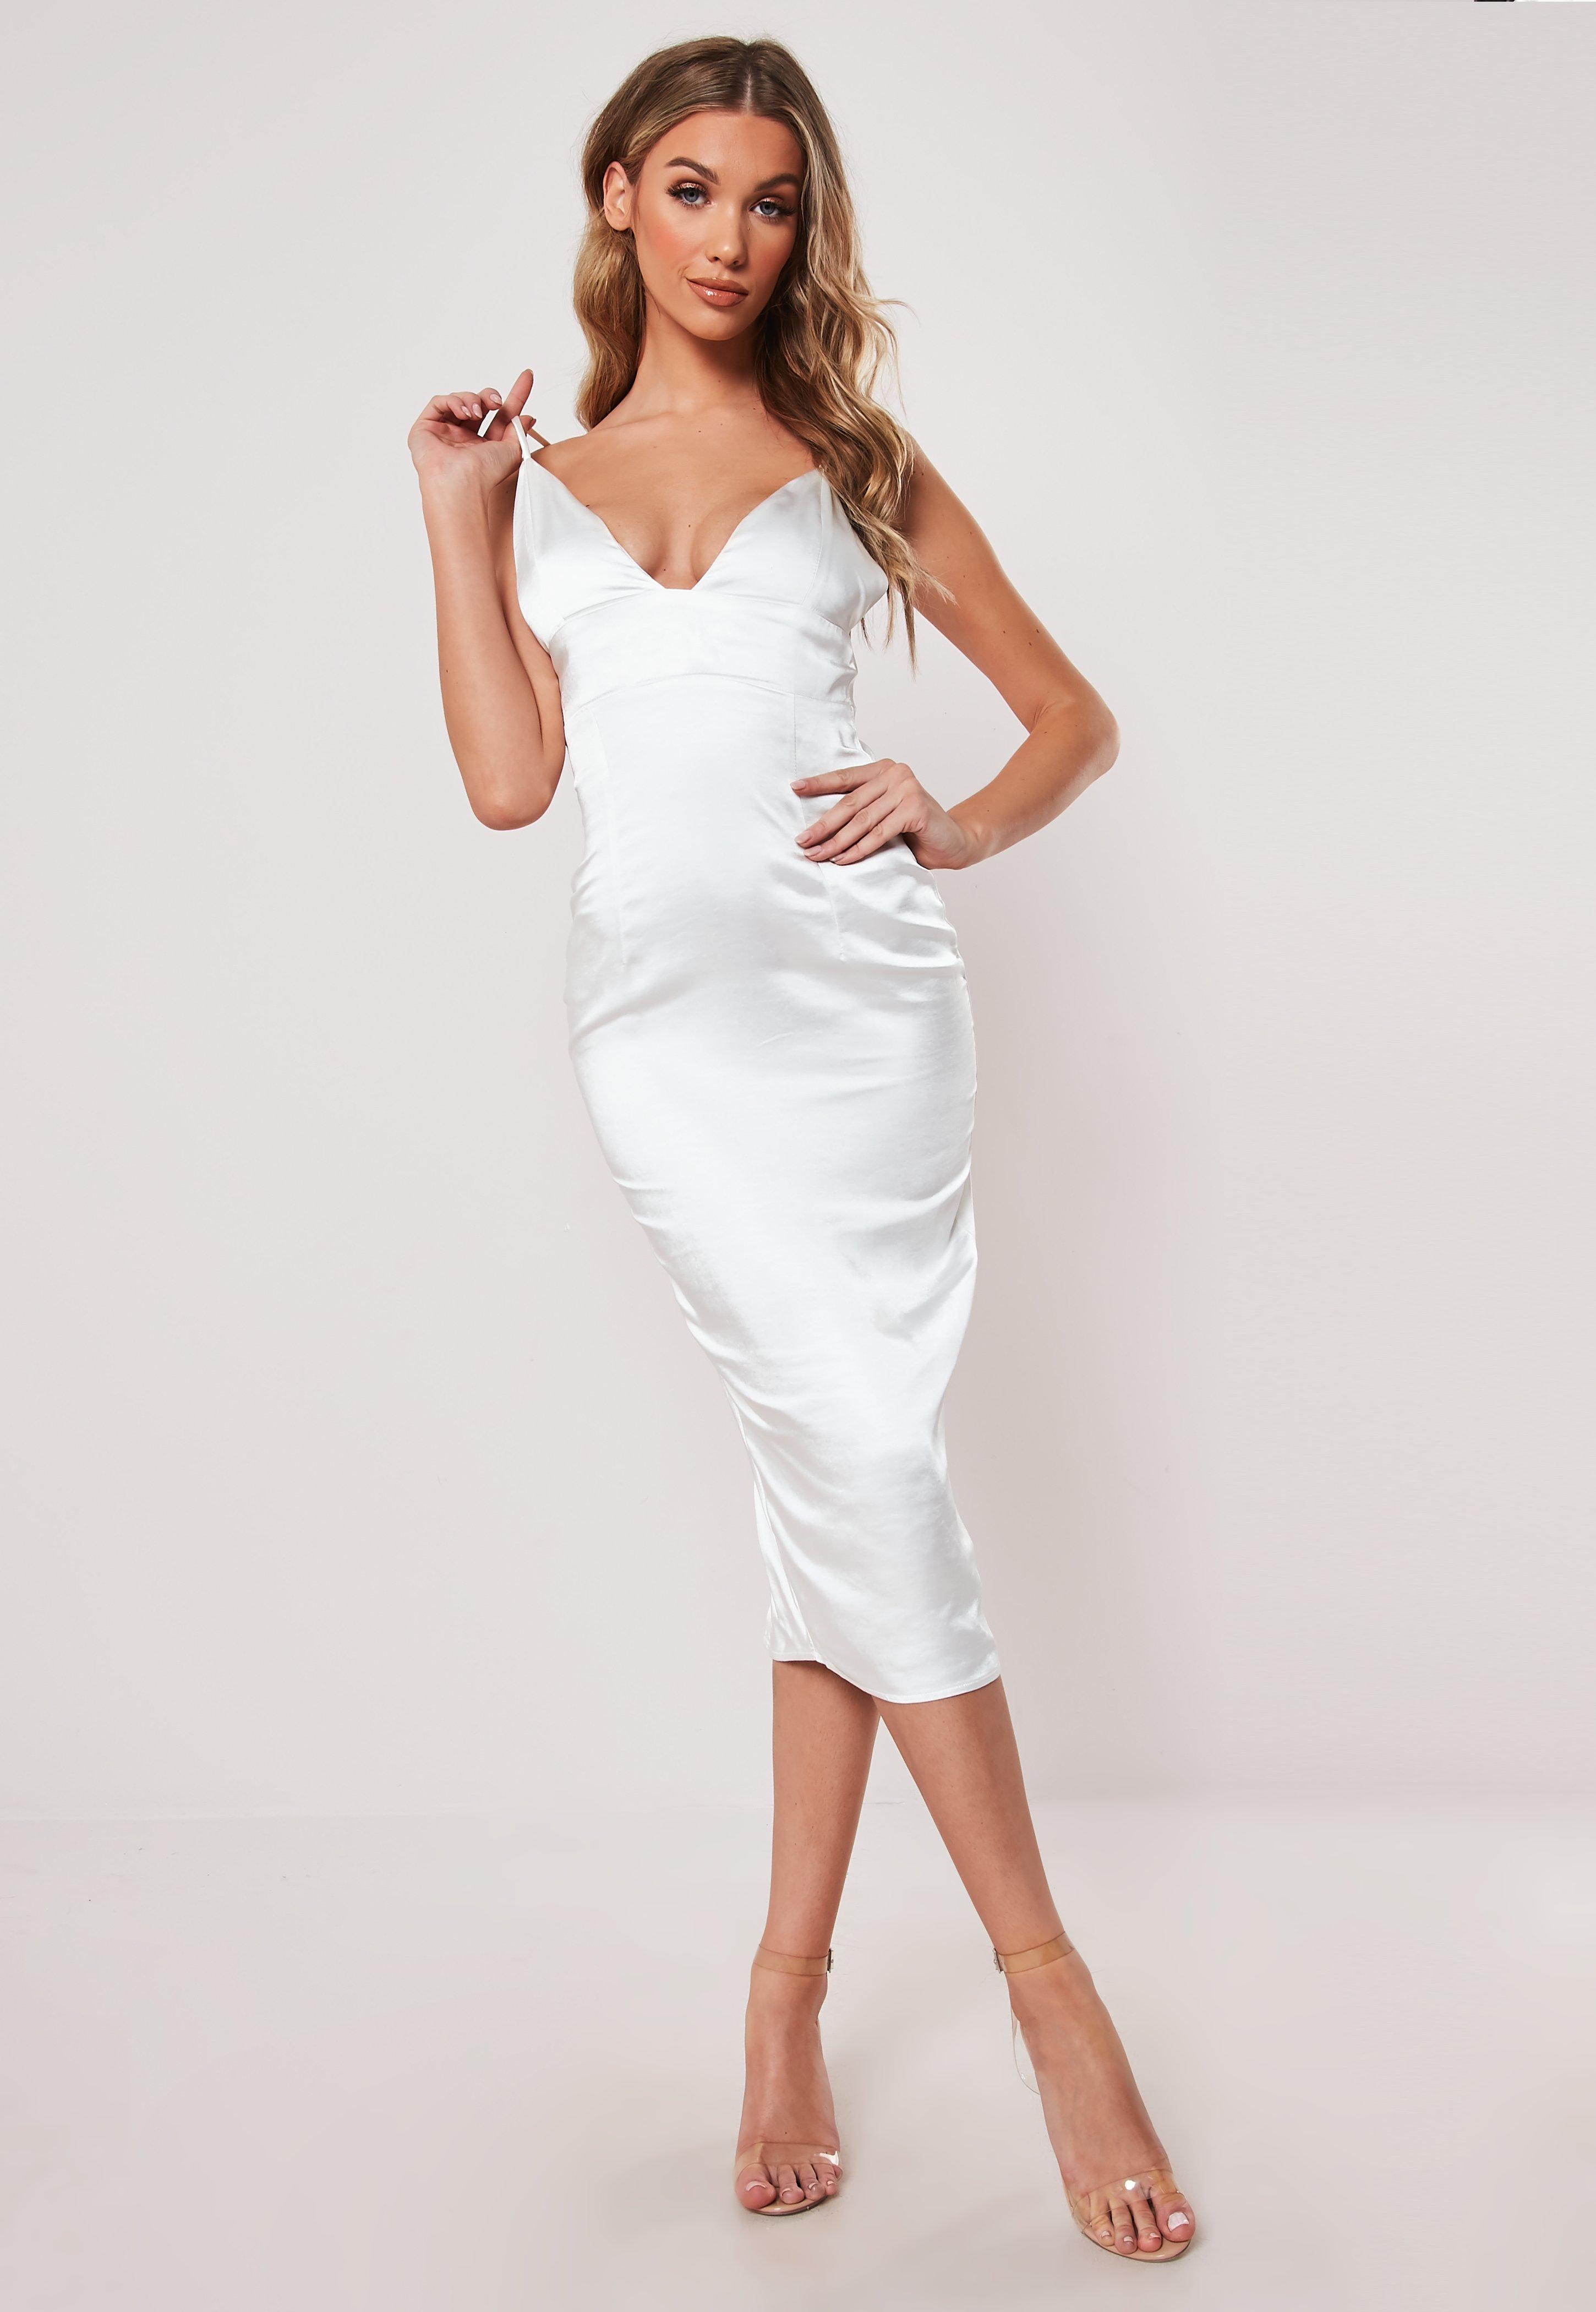 397357bcd2e Satin Dress - Silky Dresses Online